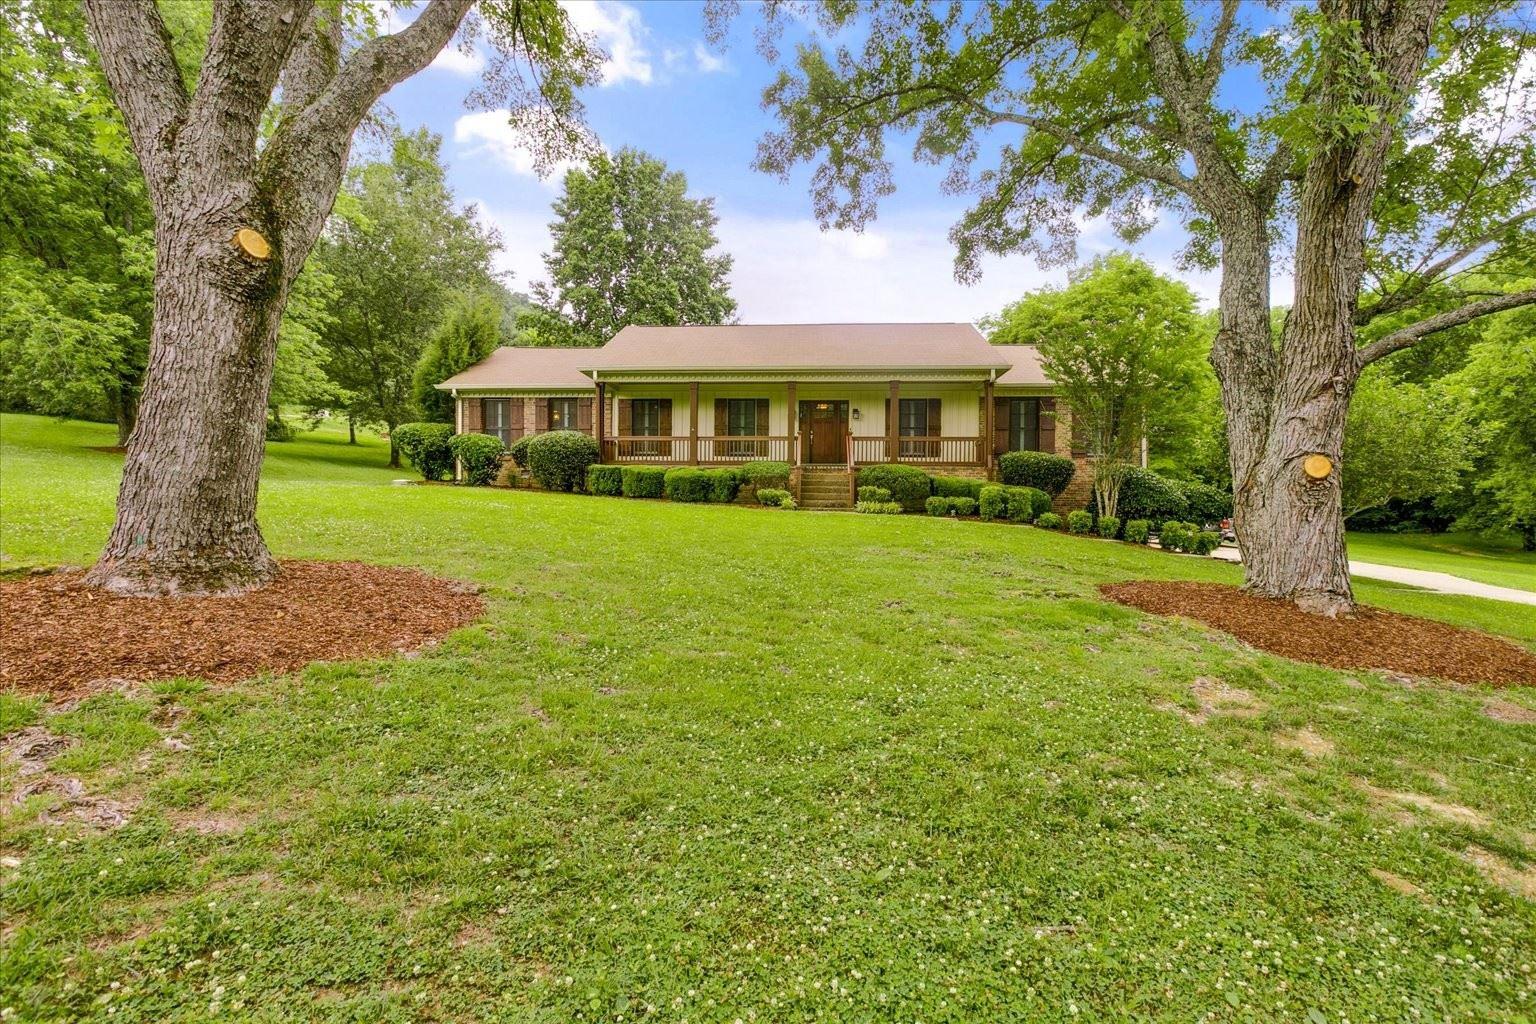 Photo of 107 Century Oak Dr, Franklin, TN 37069 (MLS # 2262243)